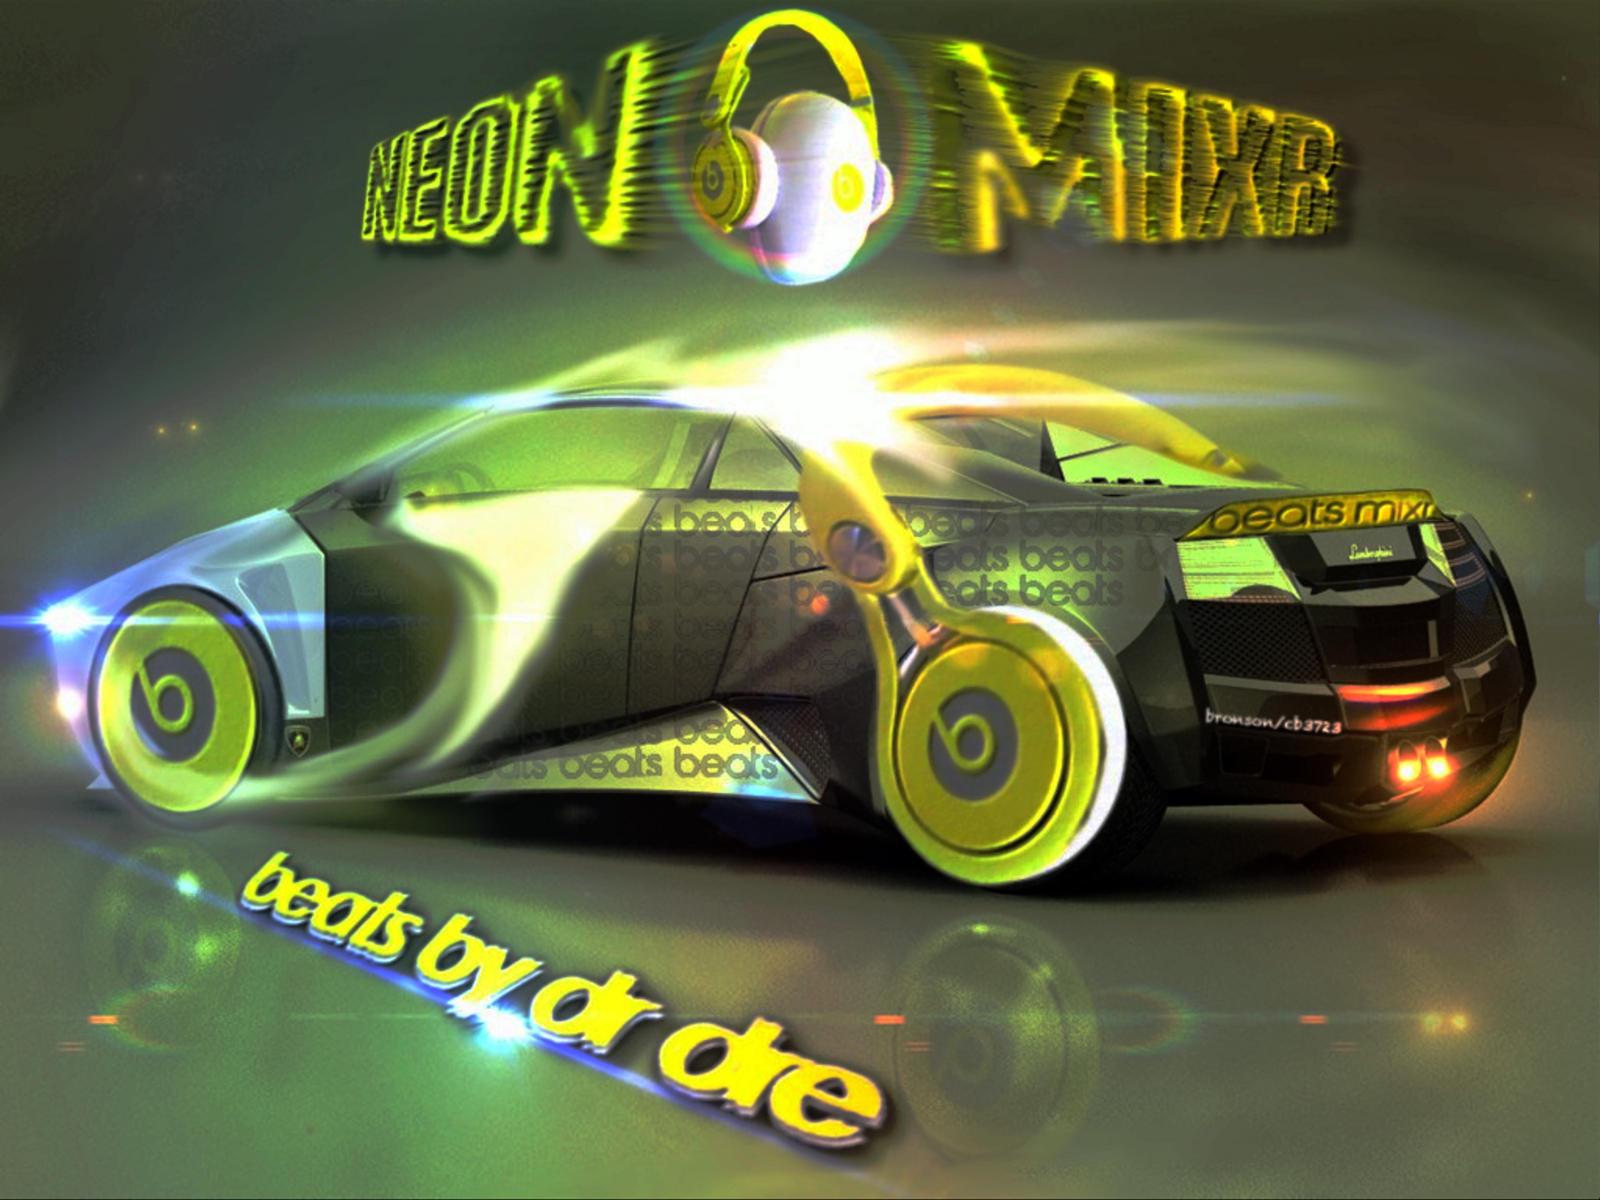 lamborghini embolado with Neon Mixr Beats By Dr Dre V Lamborghini Embolado 391932836 on Los 10 Mejores Autos Del Mundo moreover Lamborghini Embolado also Prachtige Lamborghini Concept also Lightbox besides 2020 Lamborghini Minotauro Design.